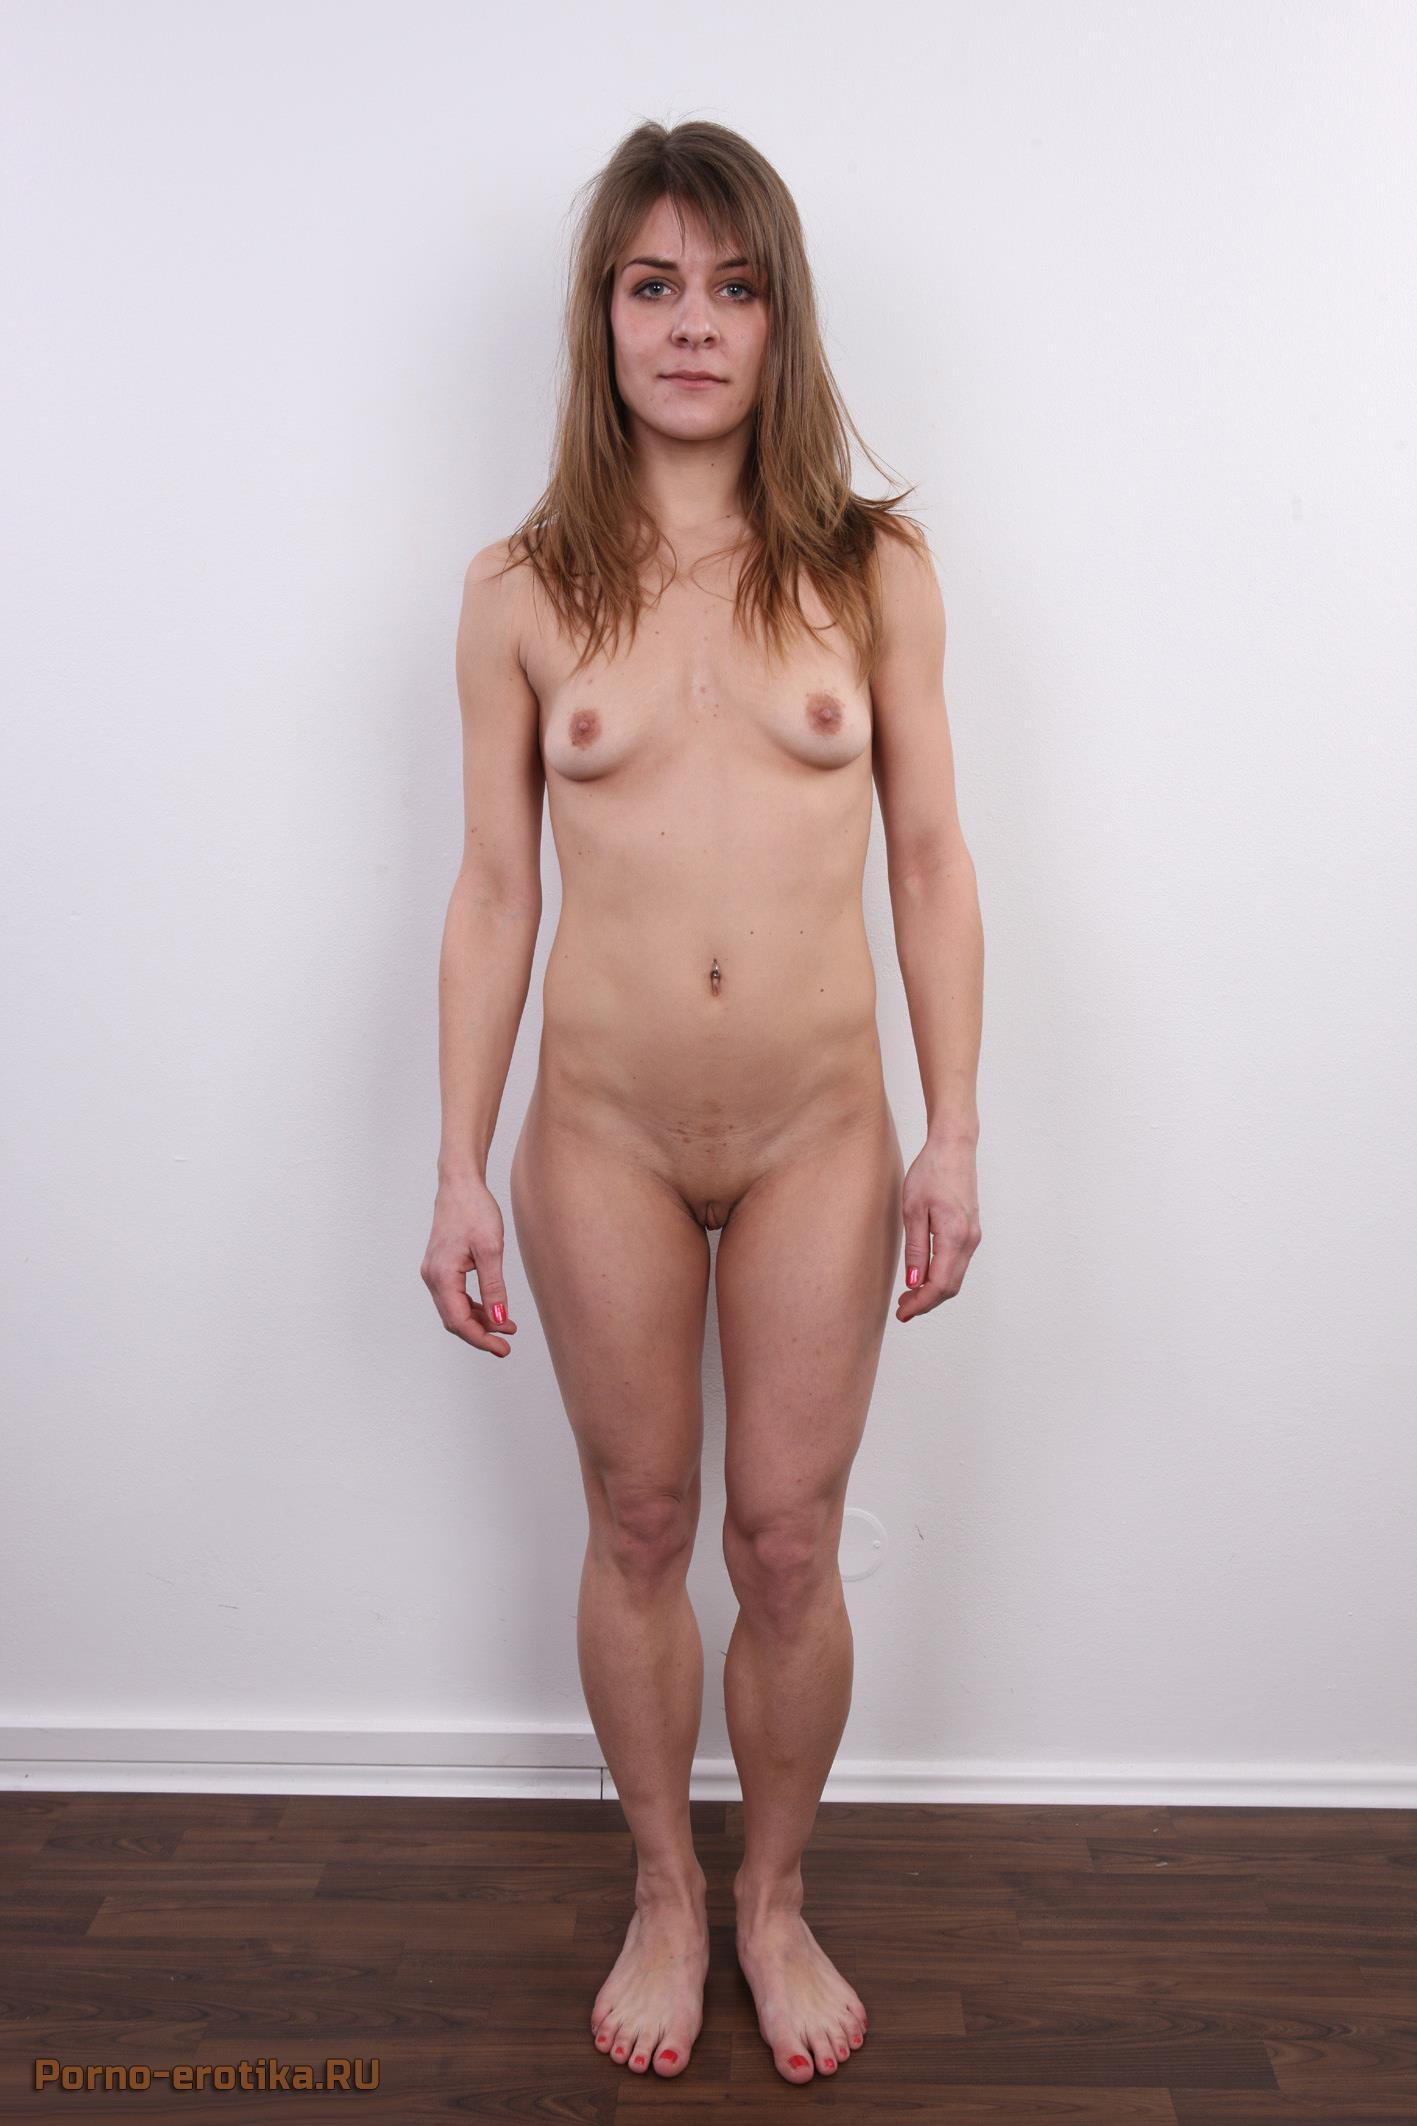 Кастинги для эротических фото женщин фото 260-326